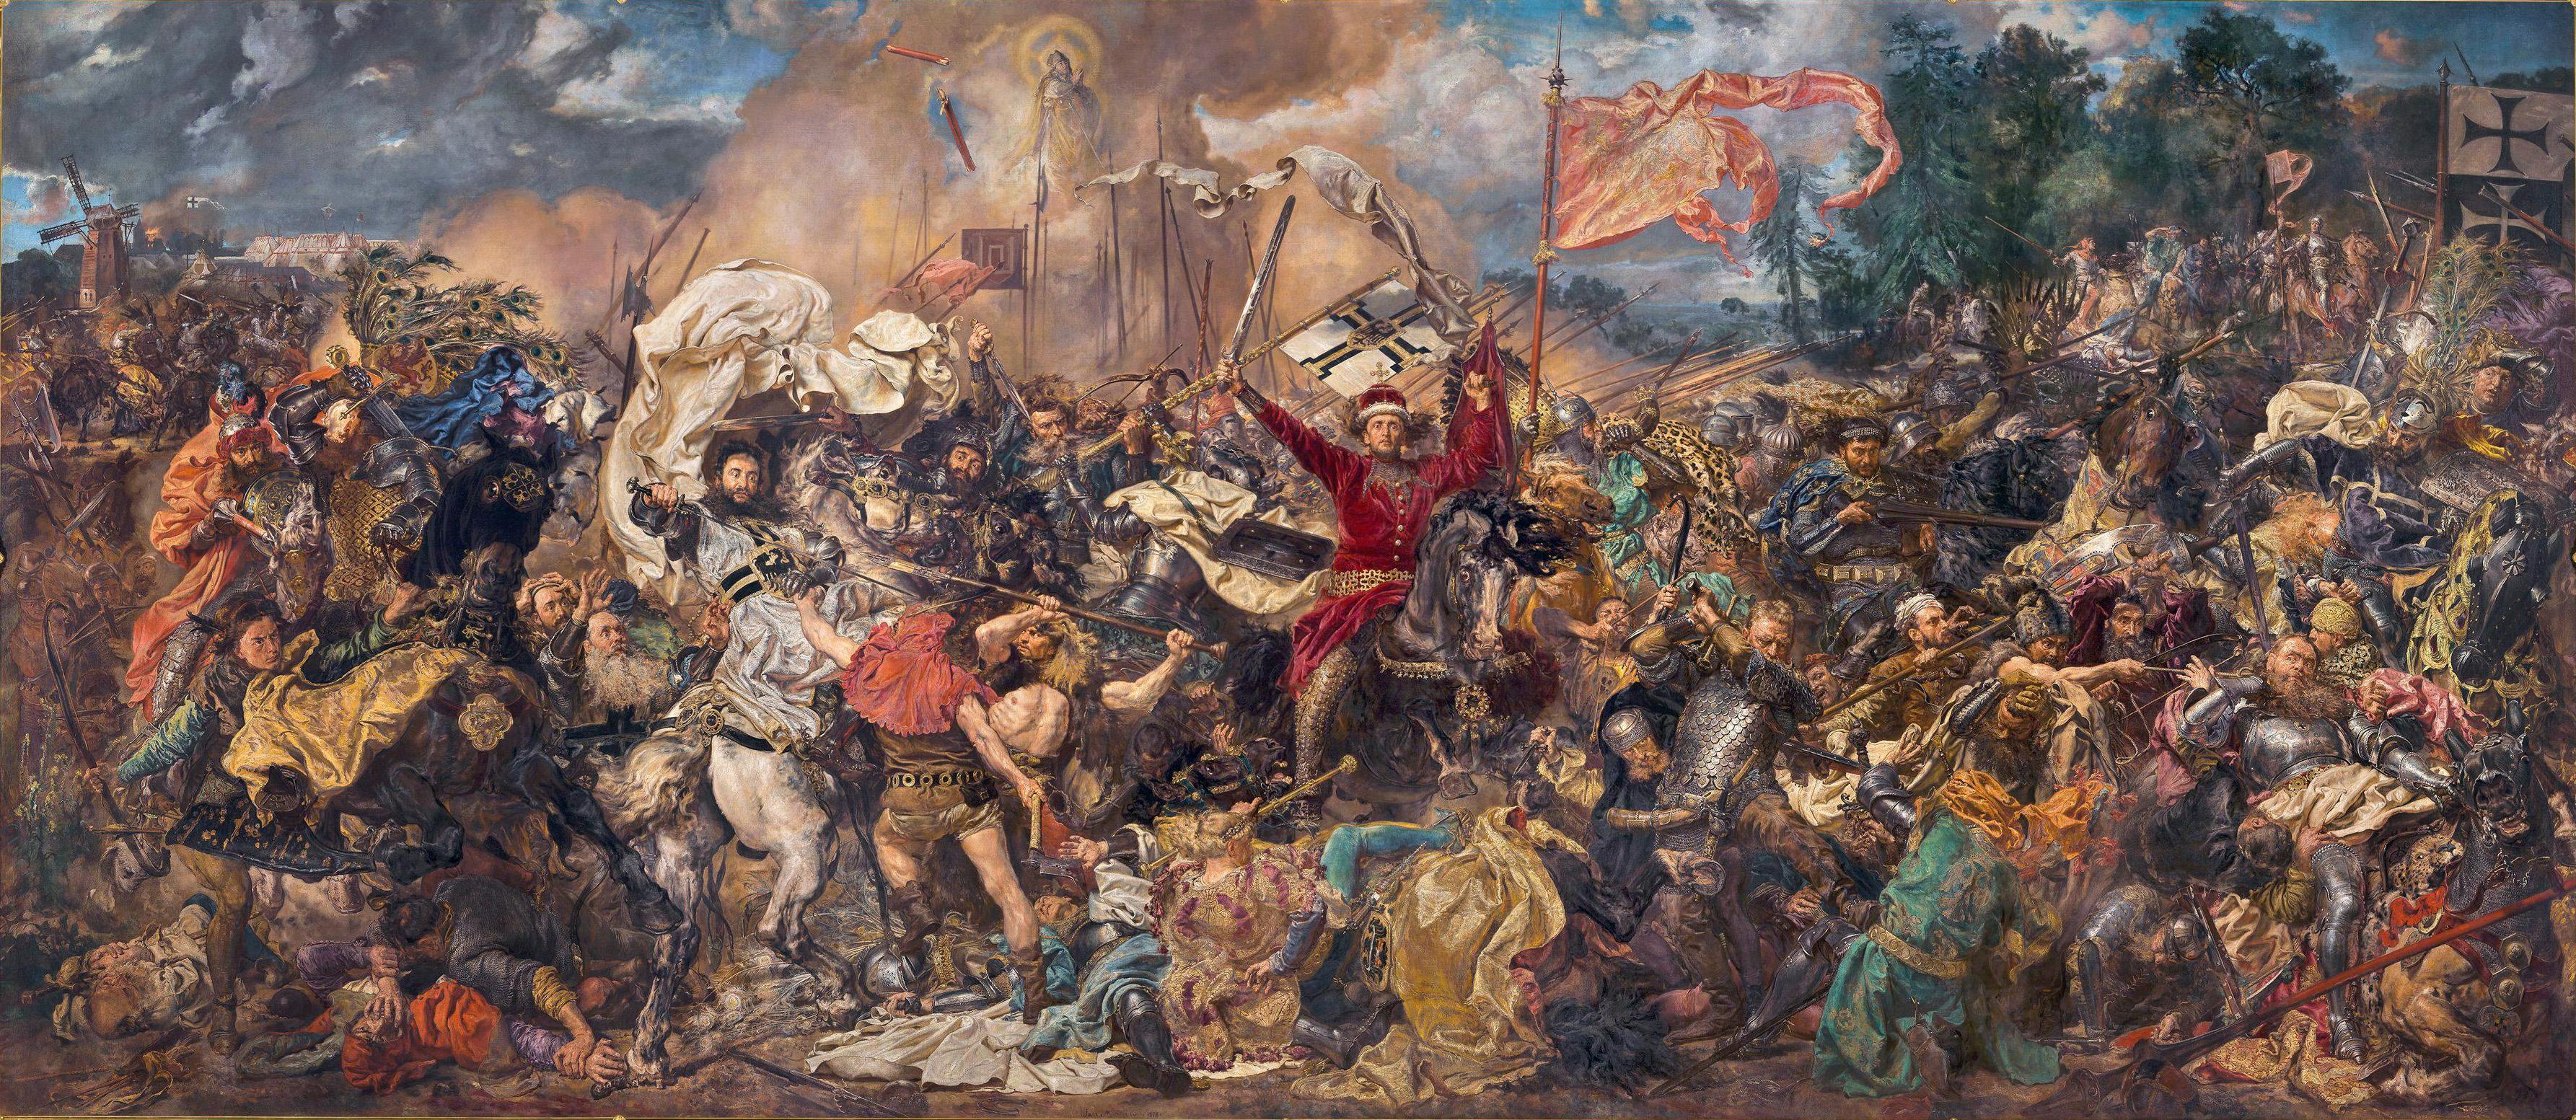 battaglia di tannenberg, storia medievale, storia della polonia, ordine teutonico, storia militare